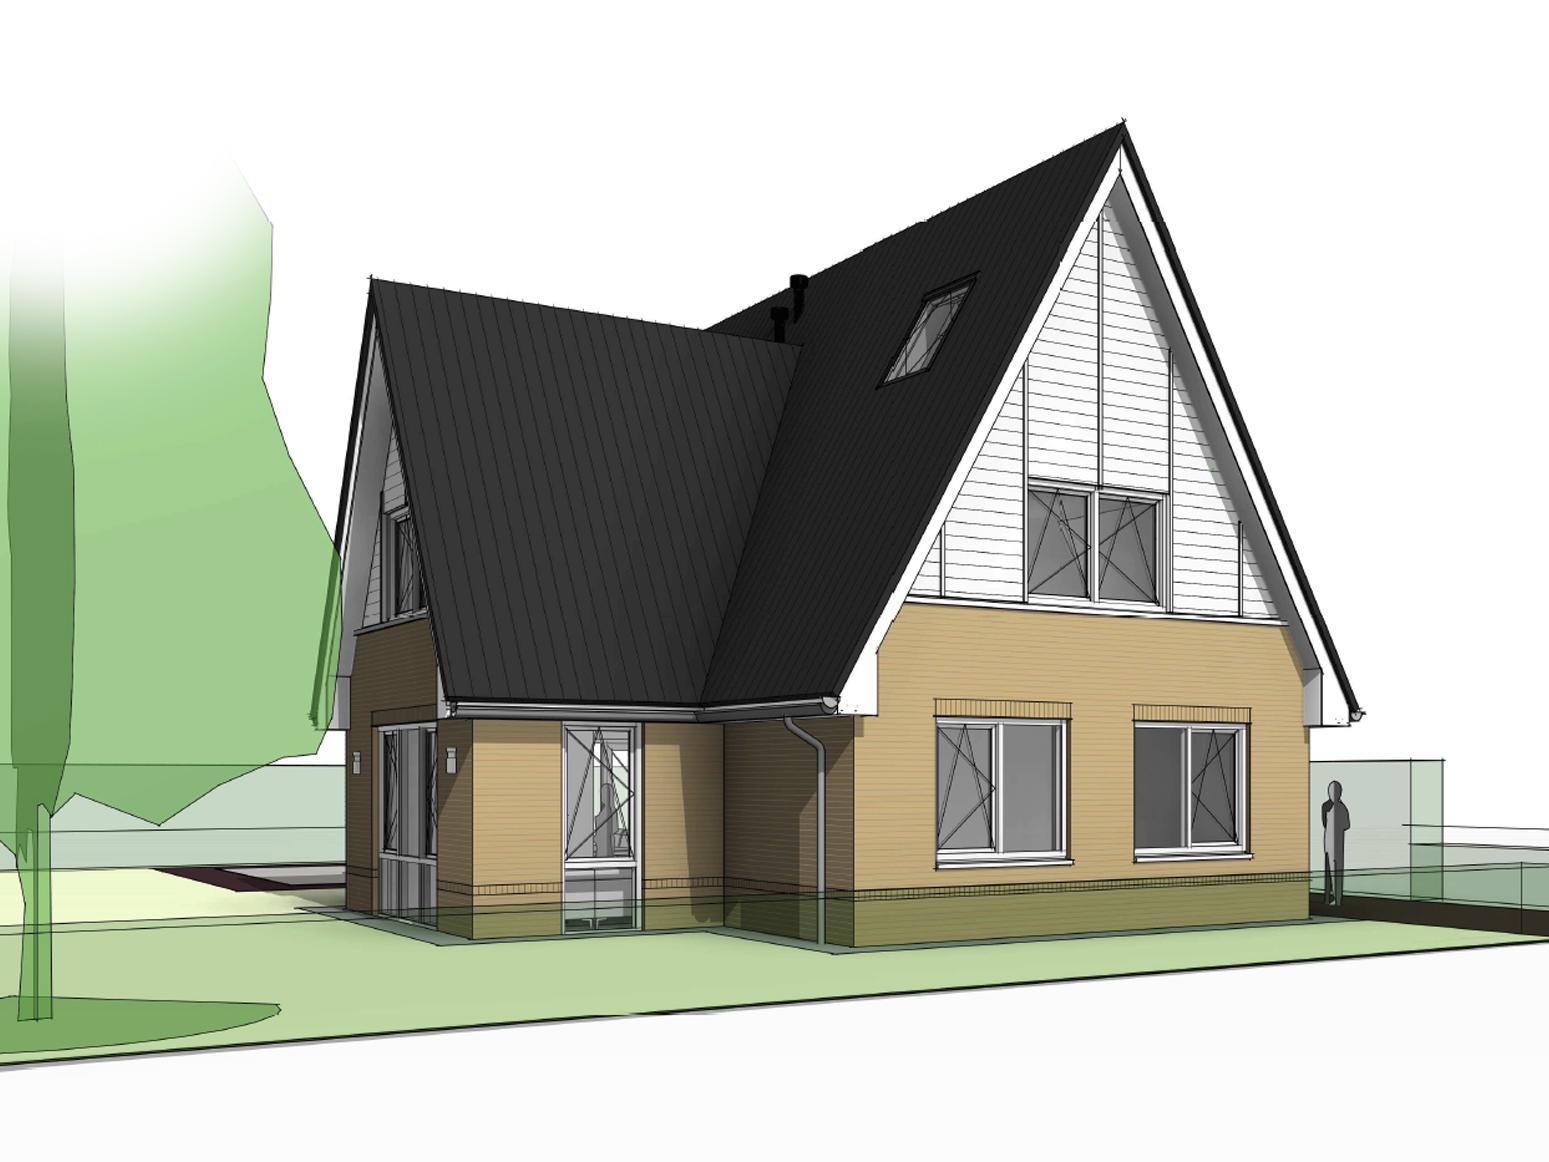 vrijstaande-woning-ontwerp-de-vecht-metselwerk-schuinekap-van-oord-architectuur-en-design-architect-apeldoorn-2